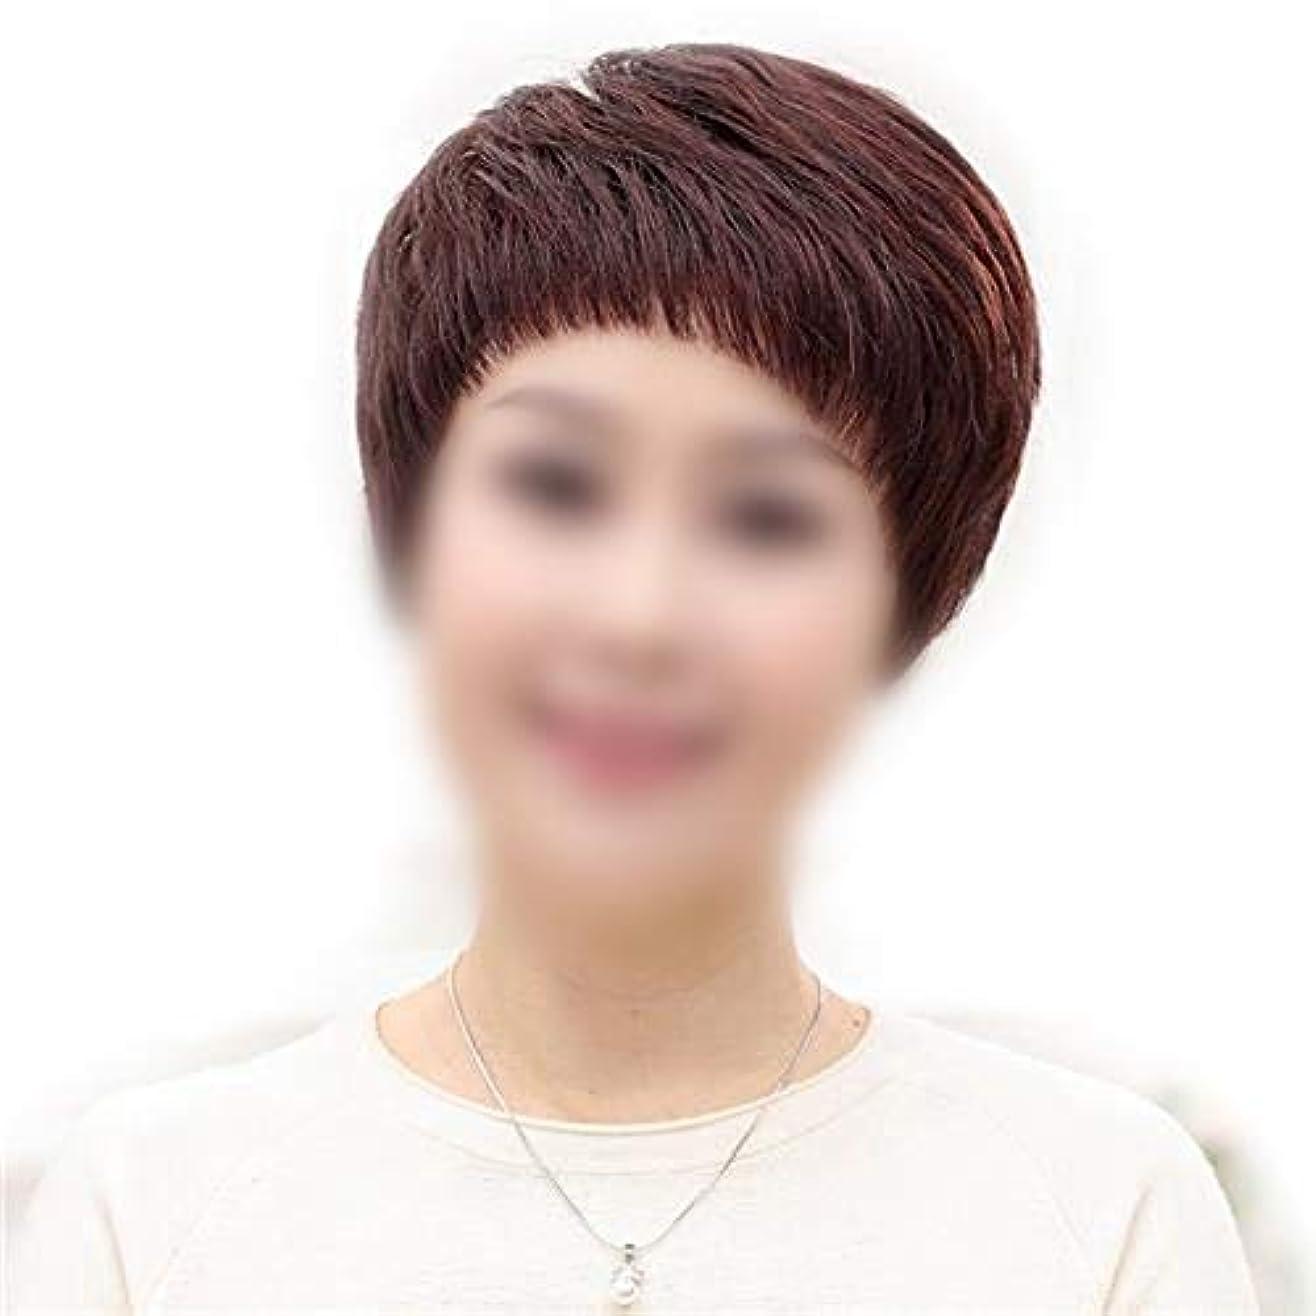 液体力学胃YOUQIU 女子ショートストレート髪のフルハンド織実ヘアウィッグデイリードレスウィッグ (色 : Natural black)